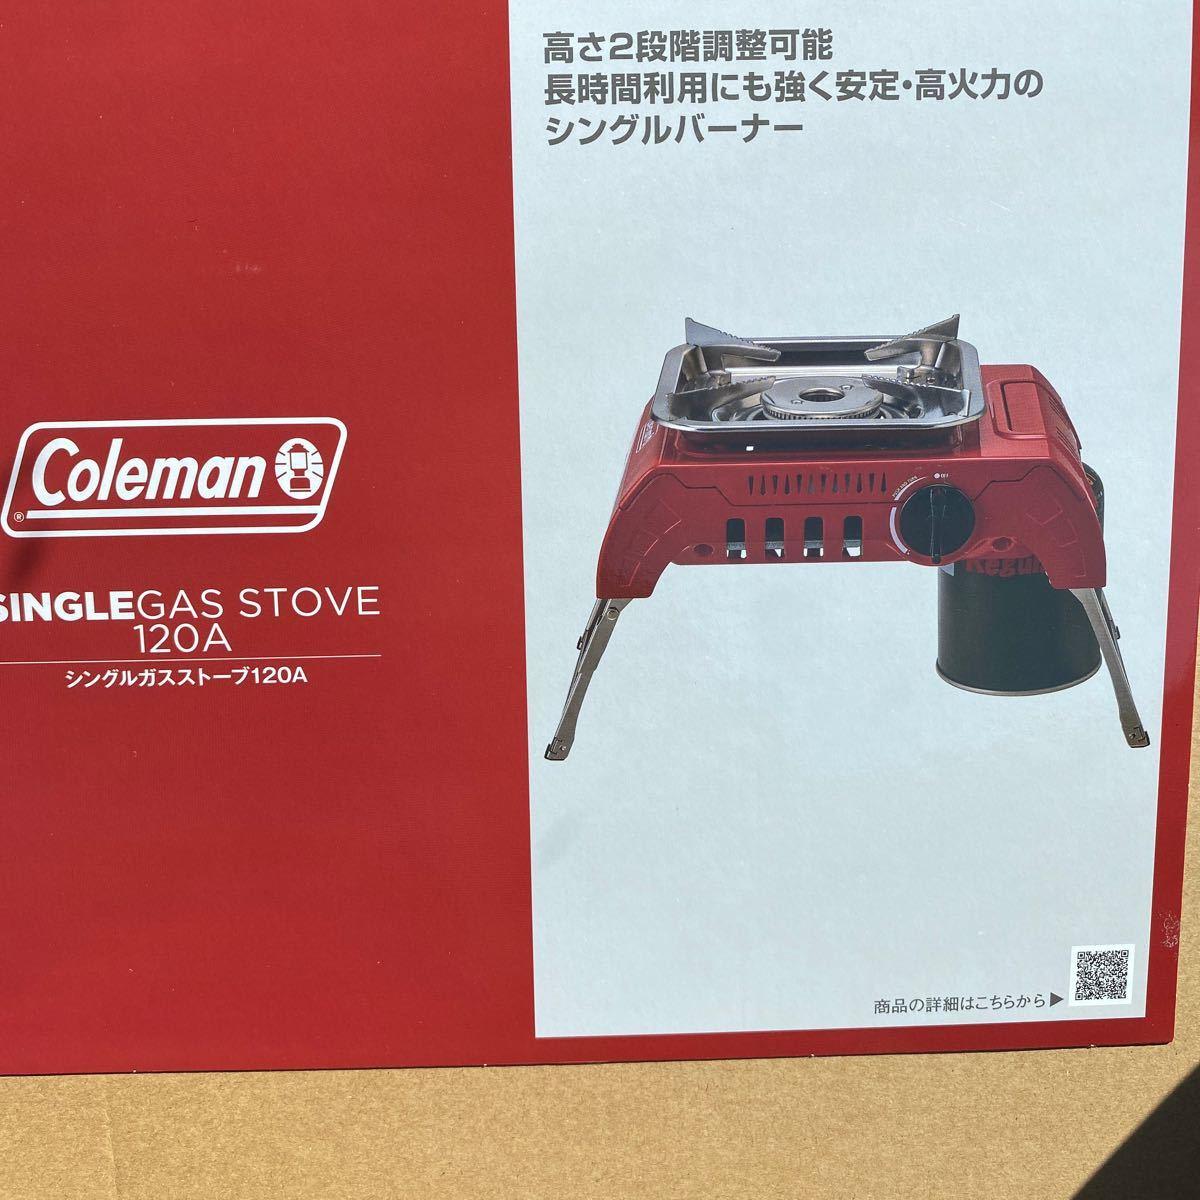 品薄コールマン 2021年新作 シングルガスストーブ120A  キャンプ シングルコンロ : レッド Coleman